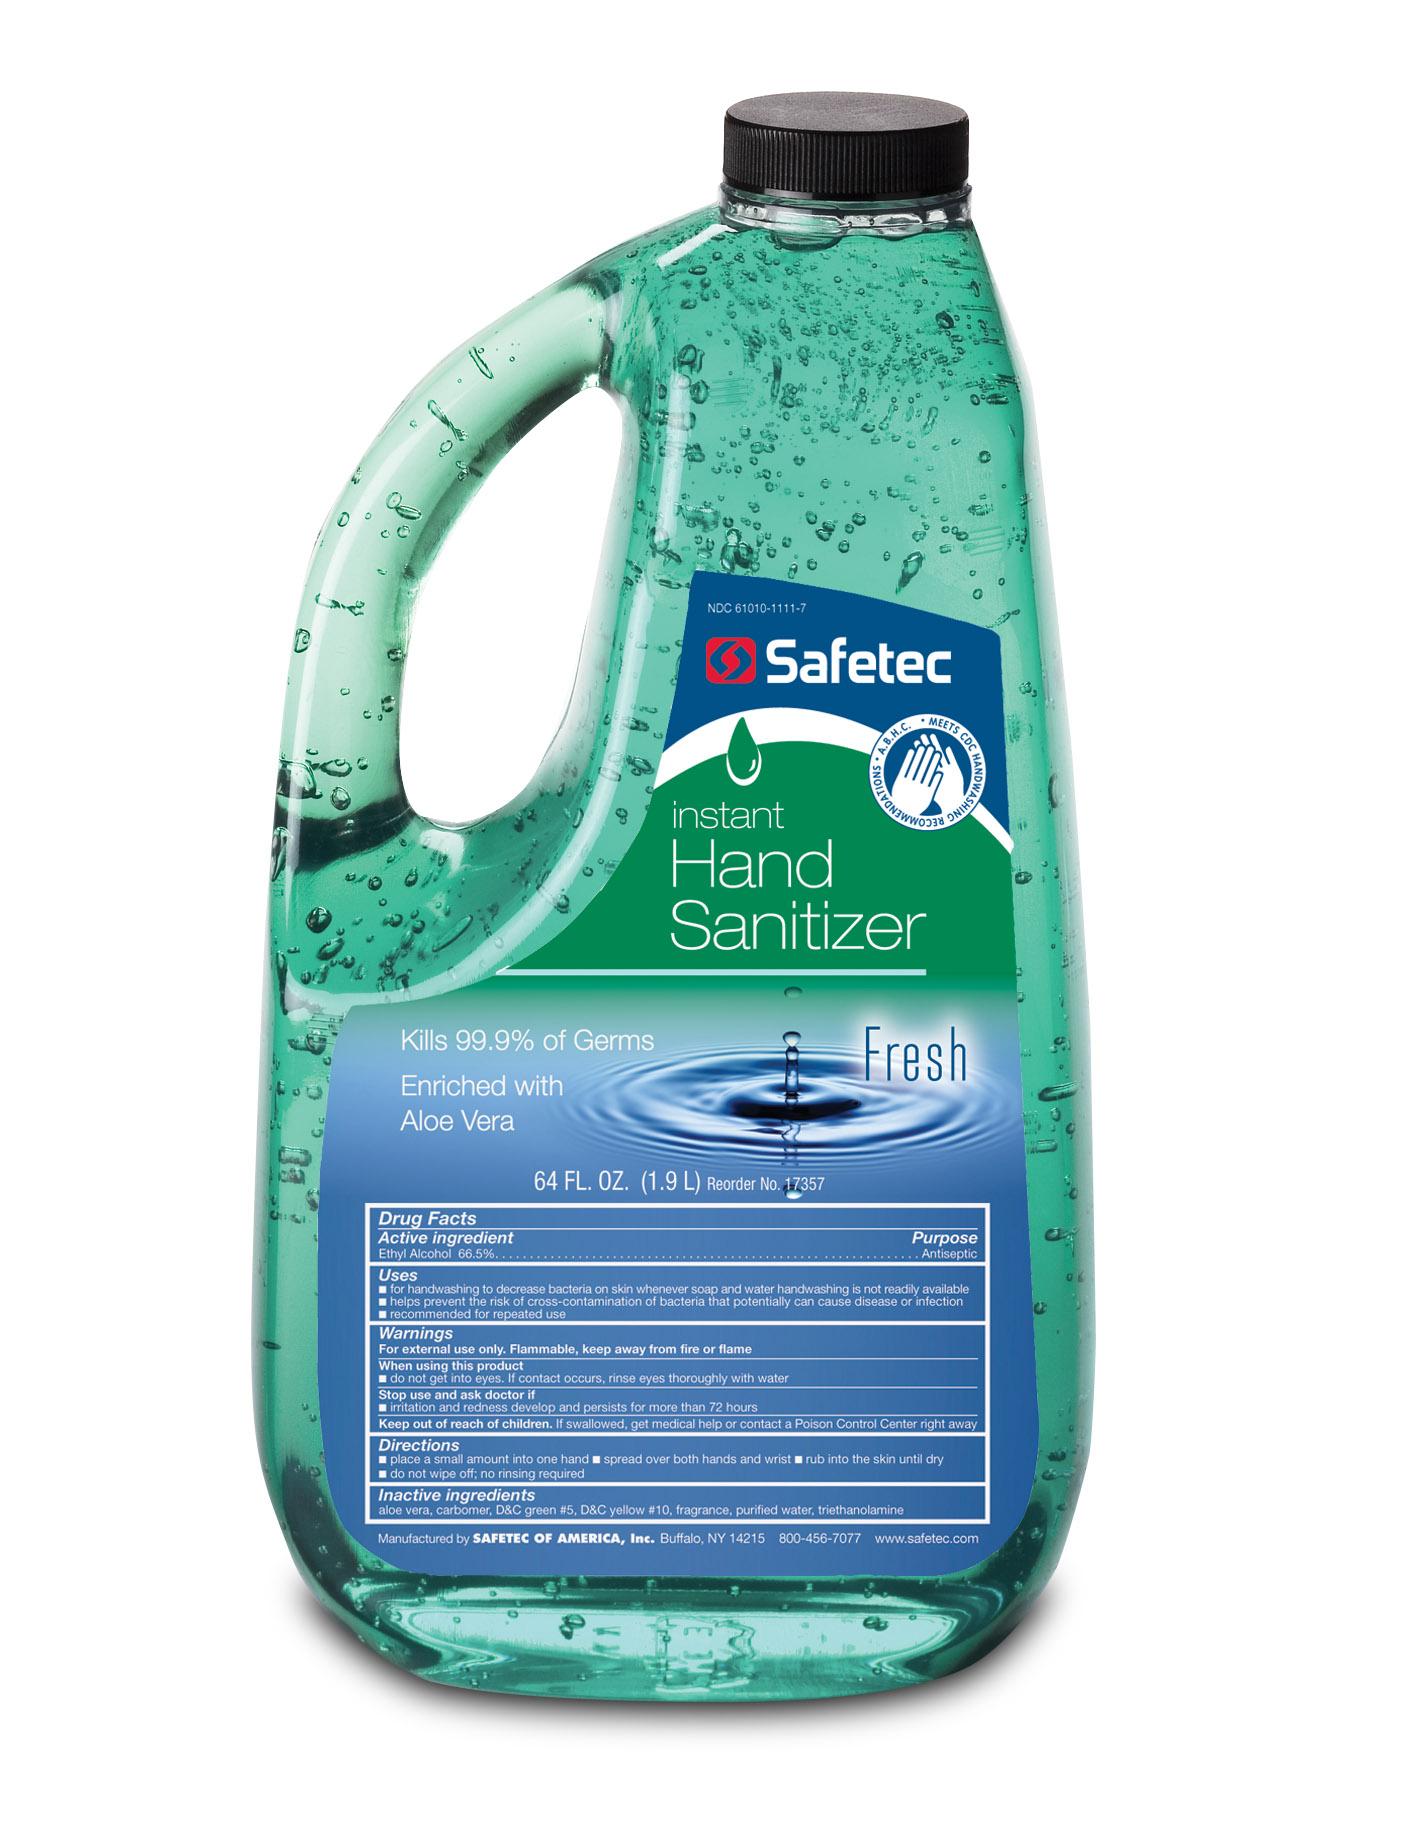 Safetec Instant Hand Sanitizer